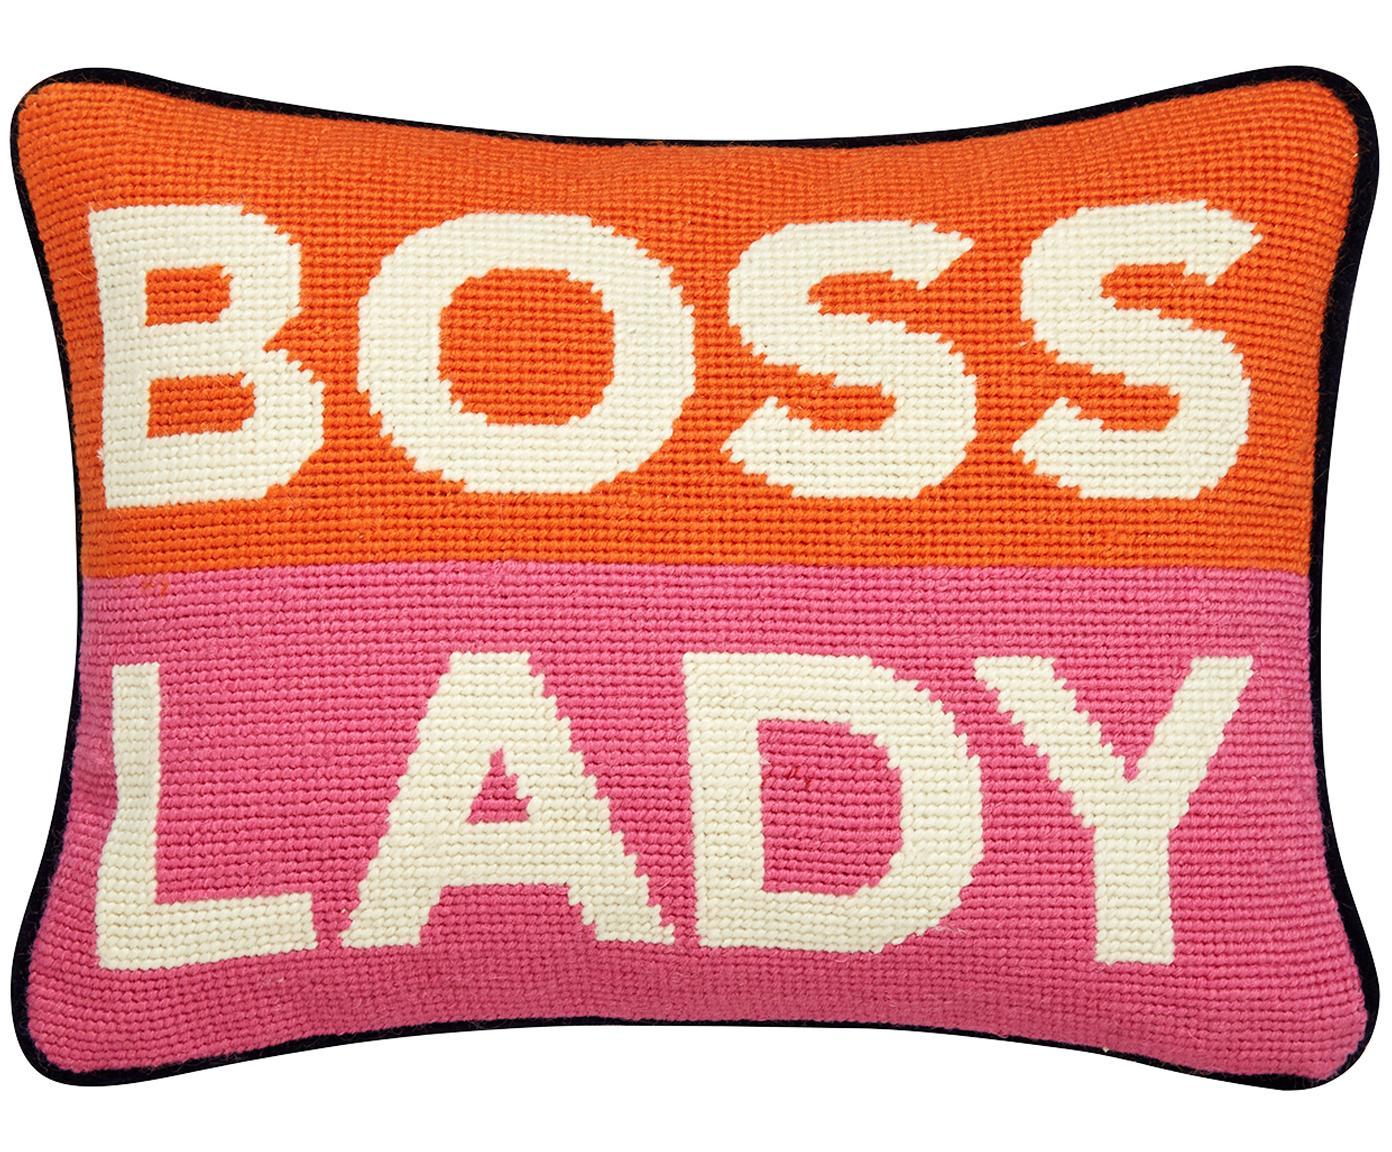 Cojín pequeño de diseño bordado Boss Lady, con relleno, Parte delantera: 100%lana, Parte trasera: terciopelo de algodón, Naranja, blanco, rosa, azul marino, An 23 x L 30 cm